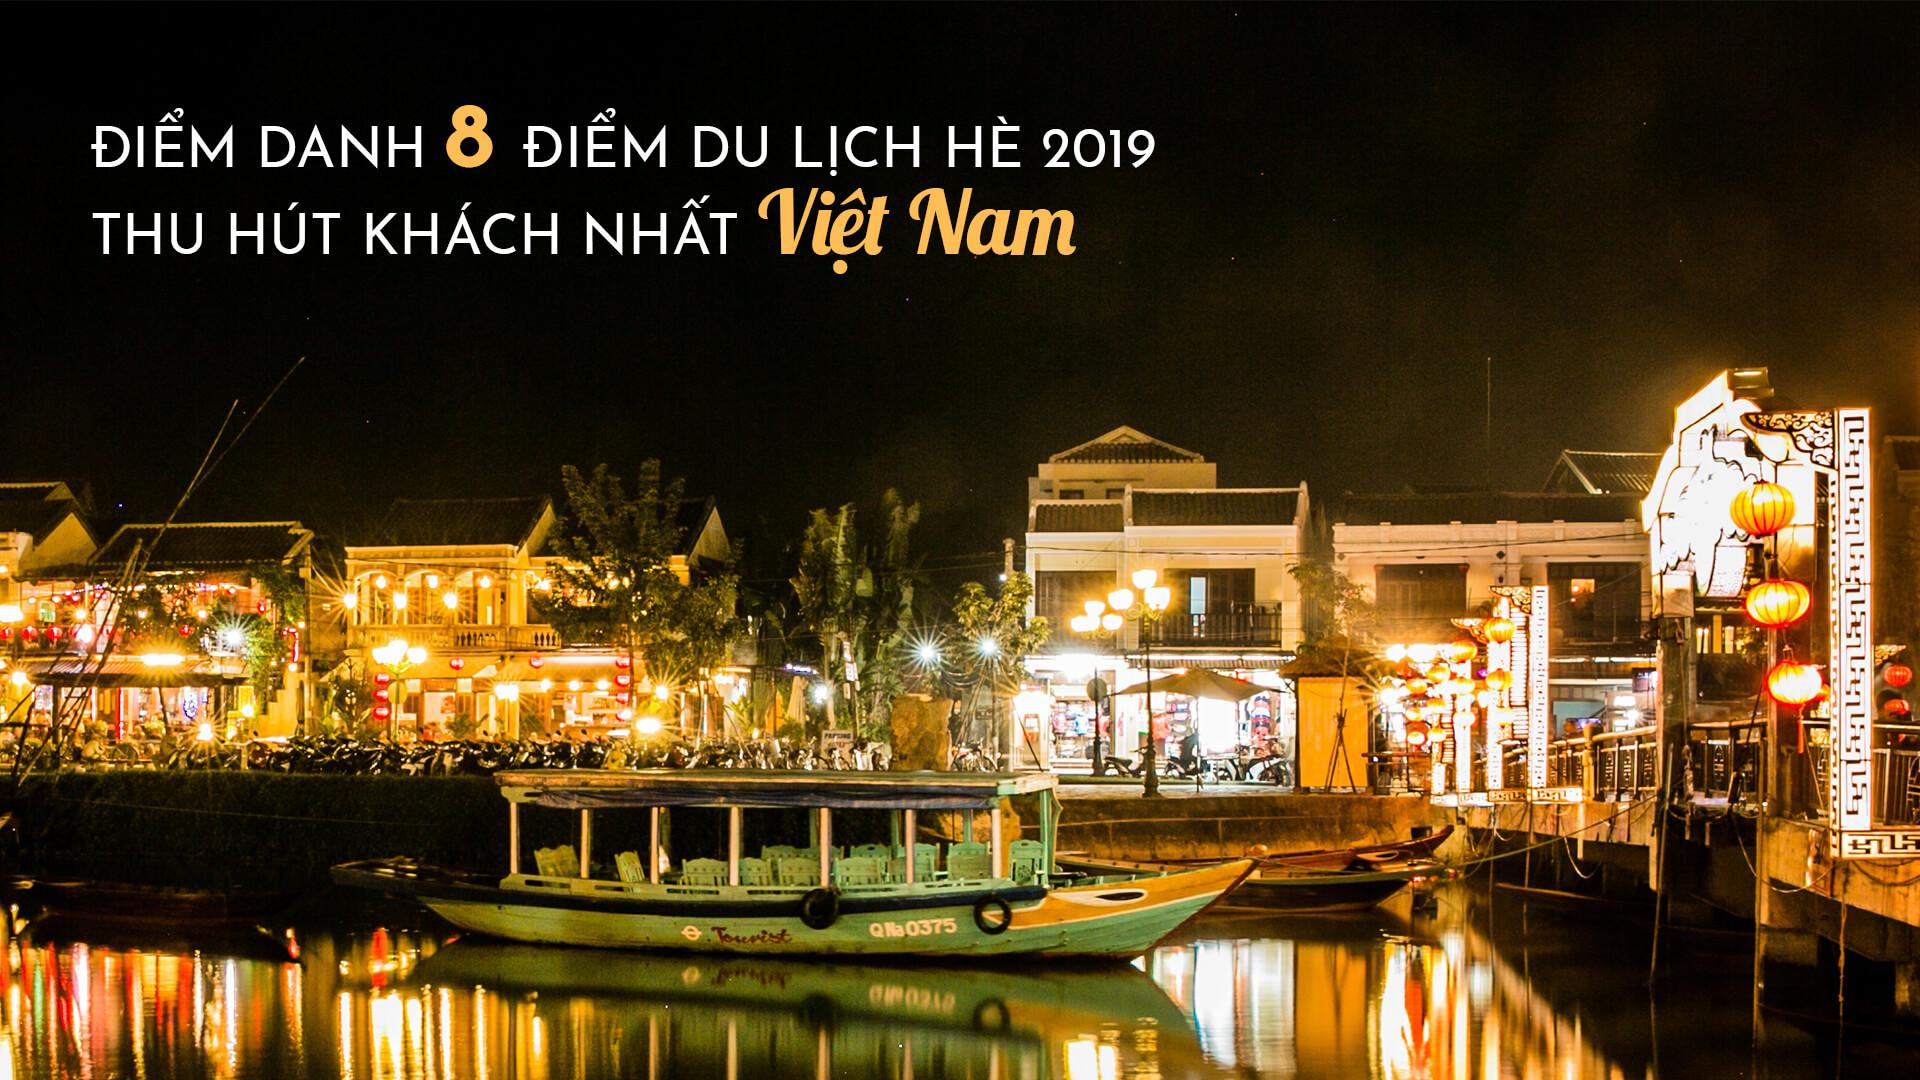 Điểm danh 8 điểm du lịch hè 2019 thu hút khách nhất Việt Nam